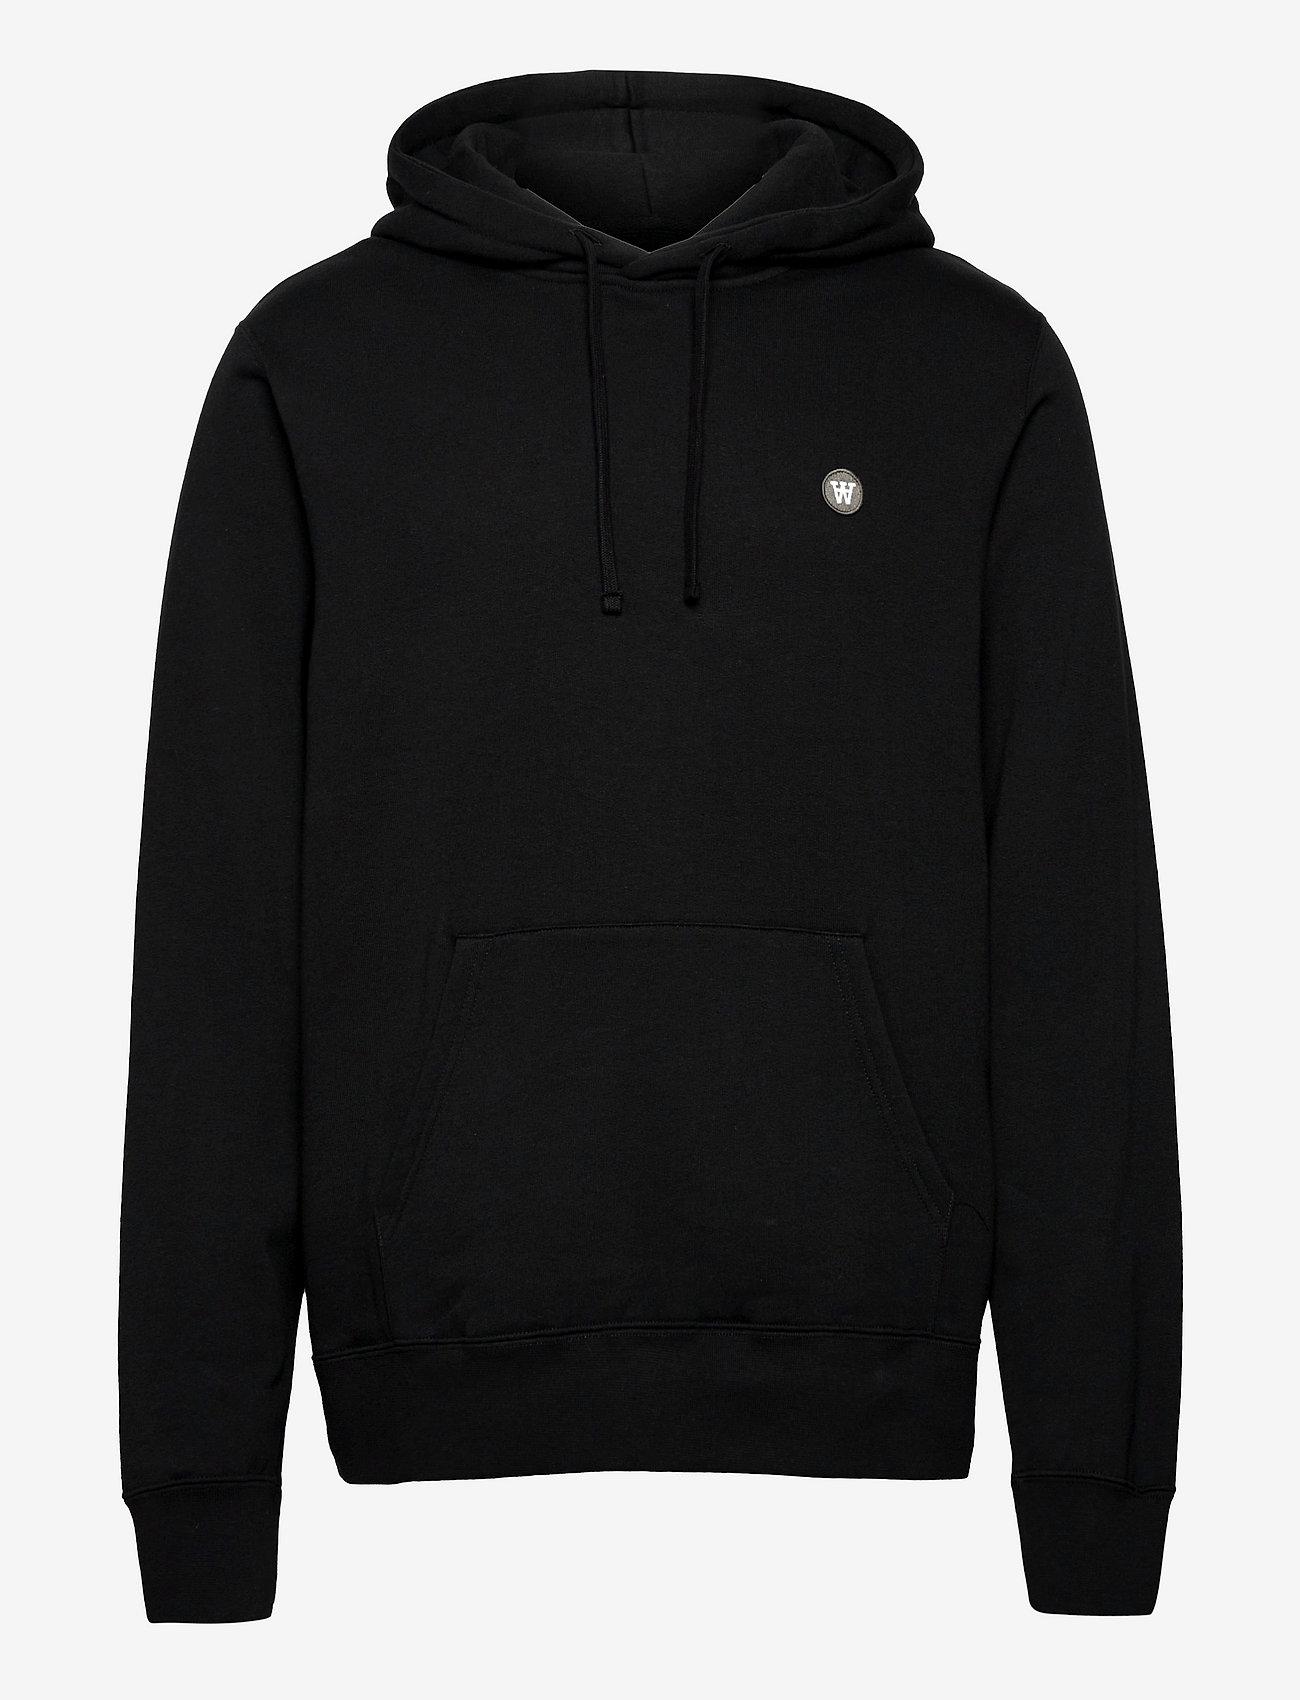 Wood Wood - Ian hoodie - hoodies - black/green - 0